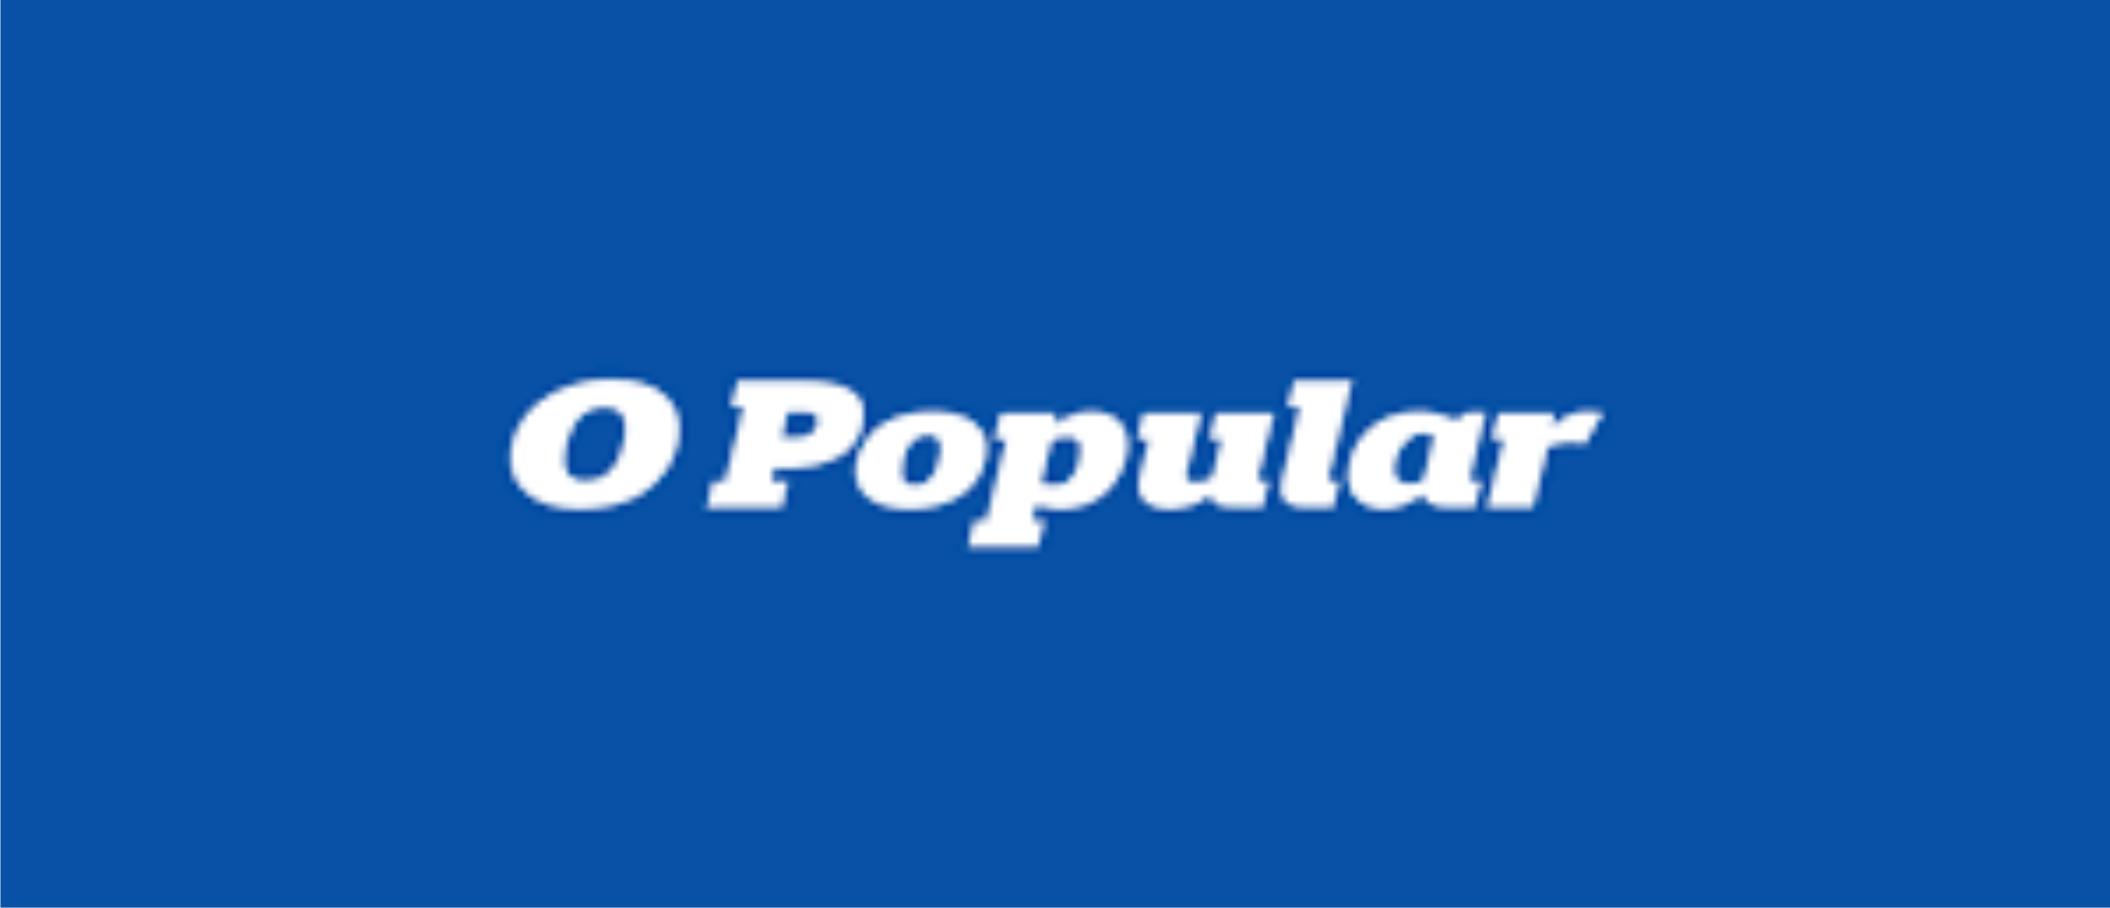 """Artigo Jornal """"O Popular"""". Autora: Lana Castelões."""